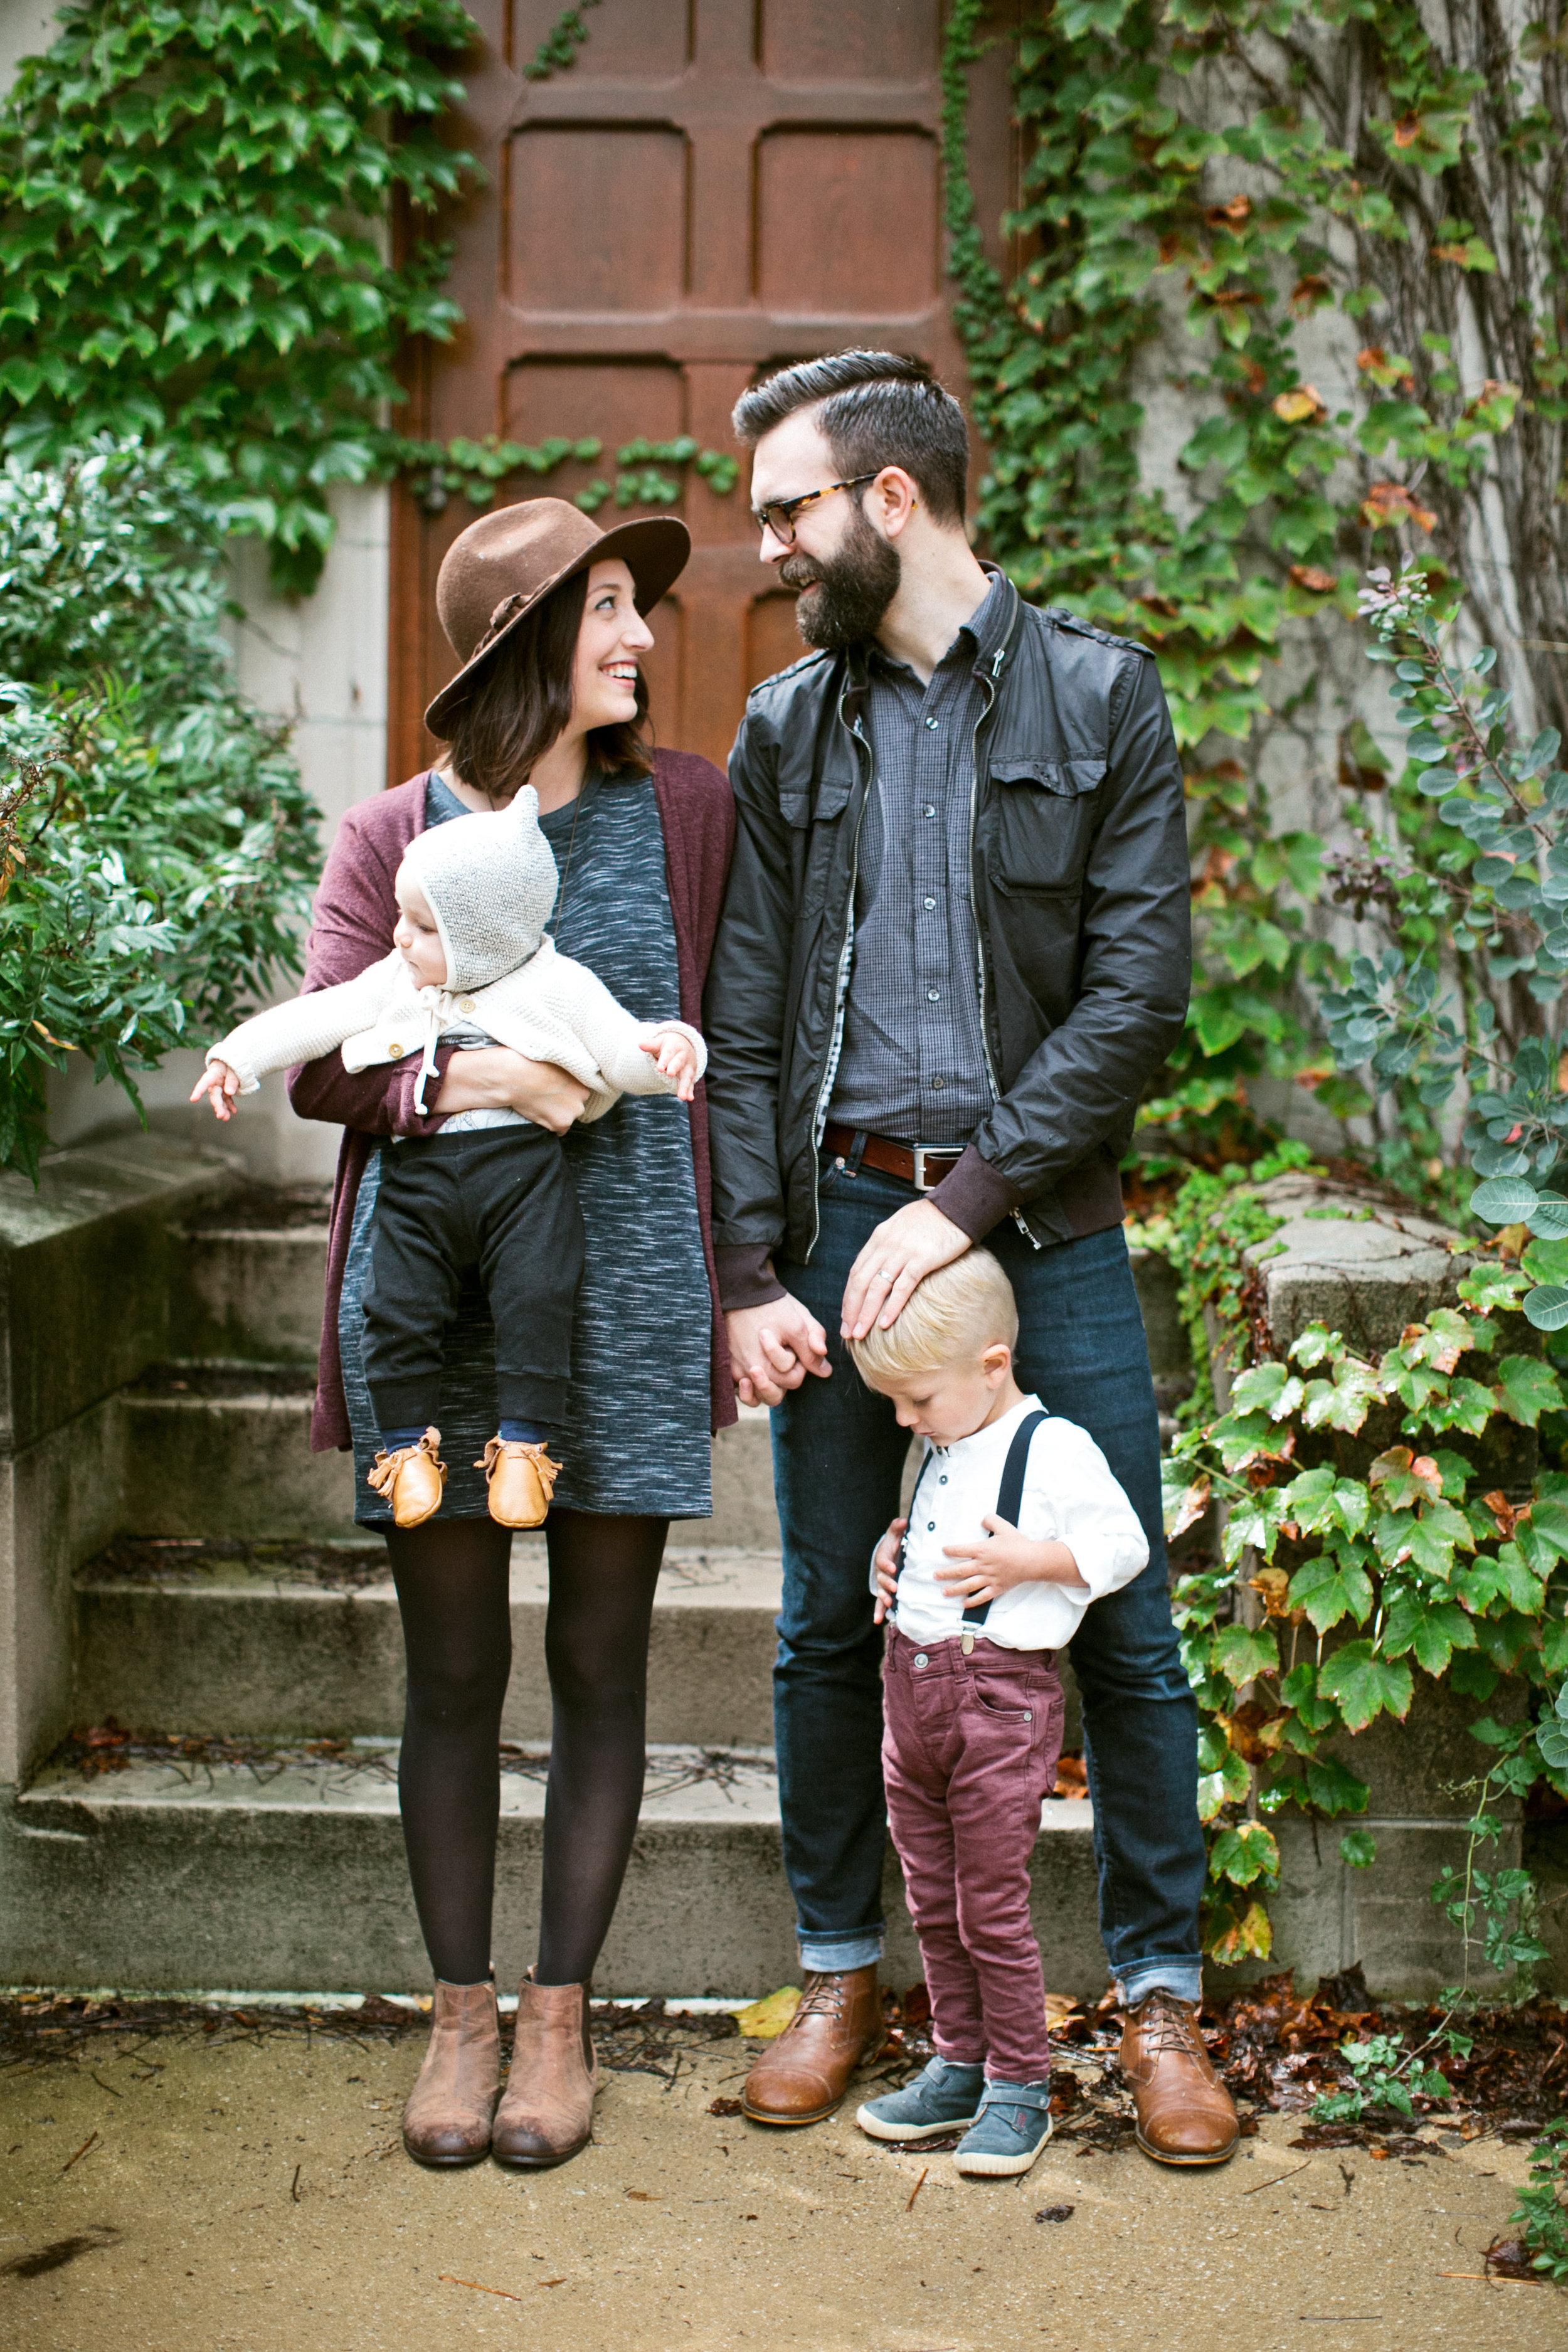 The Birkey Family-The Birkey Family-0053.jpg